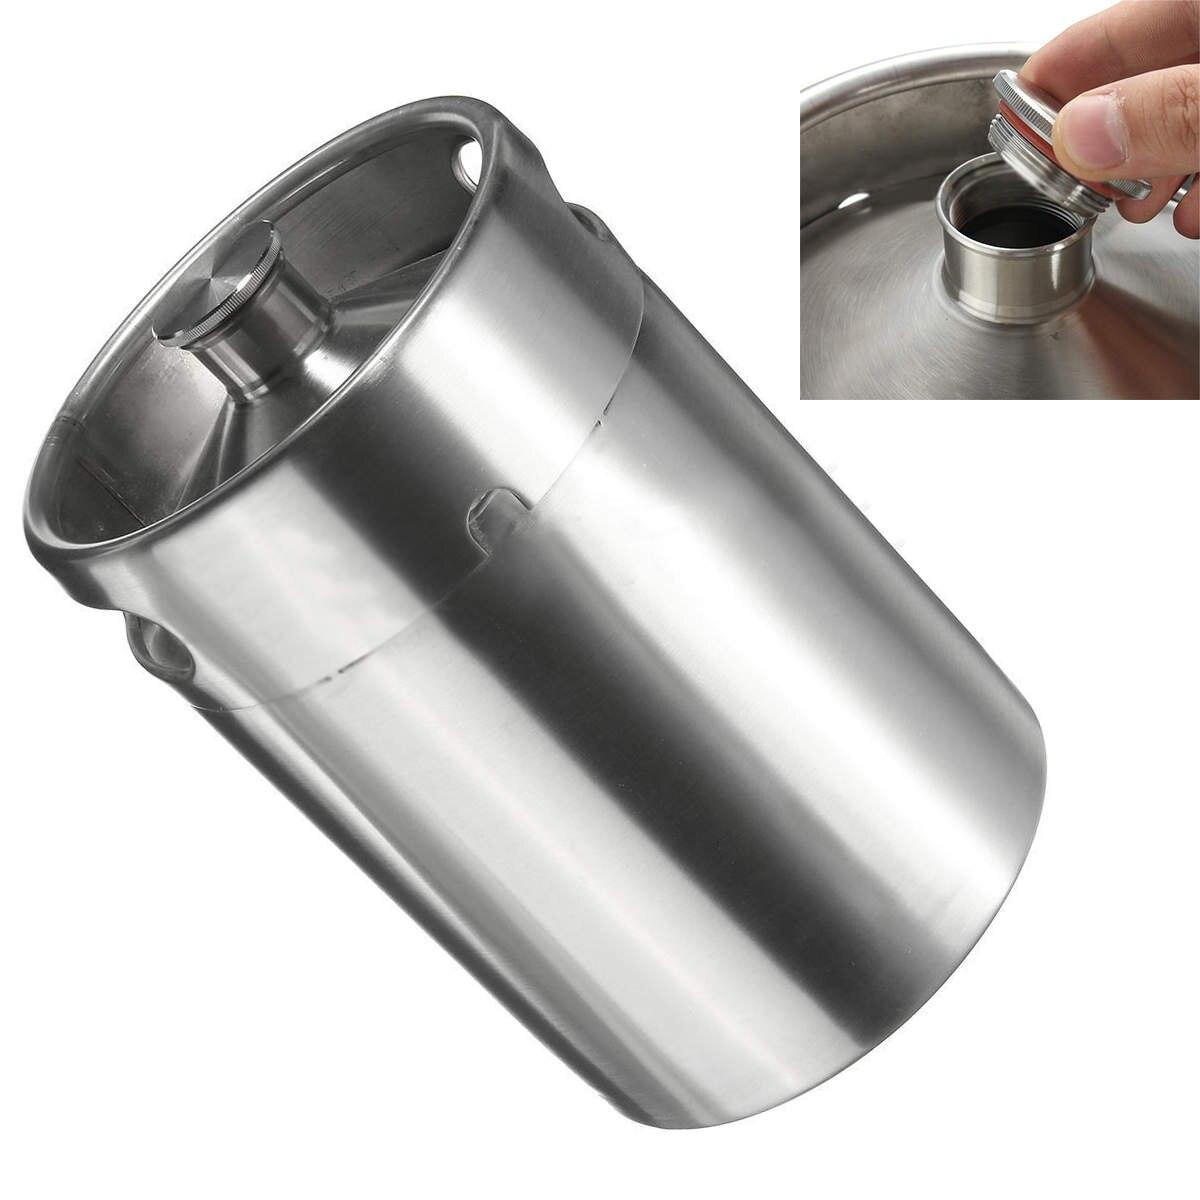 1PCS 170oz 5L Stainless Steel Beer Growler Homebrew Mini Beer Keg Beer Bottle Barrel Beer Making